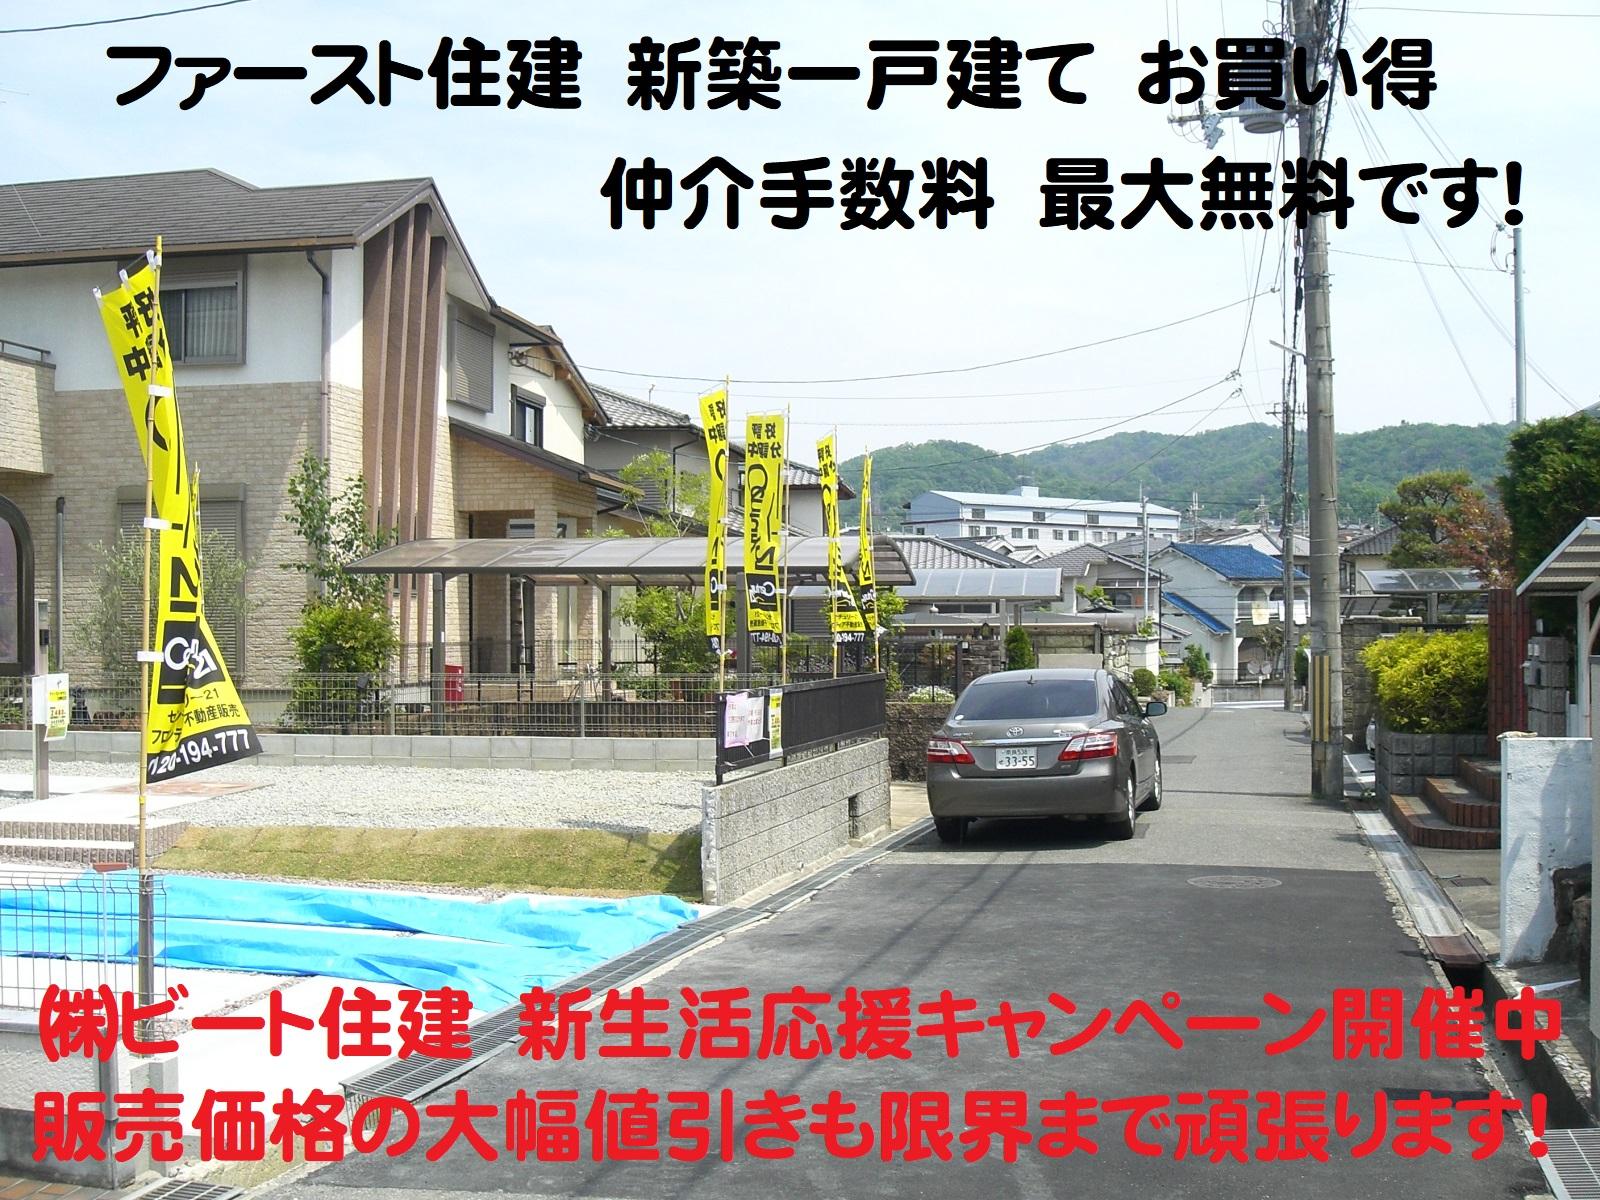 奈良県 新築 ビート住建 三郷町 モデルハウス 有ります!  お買い得 仲介手数料 最大無料